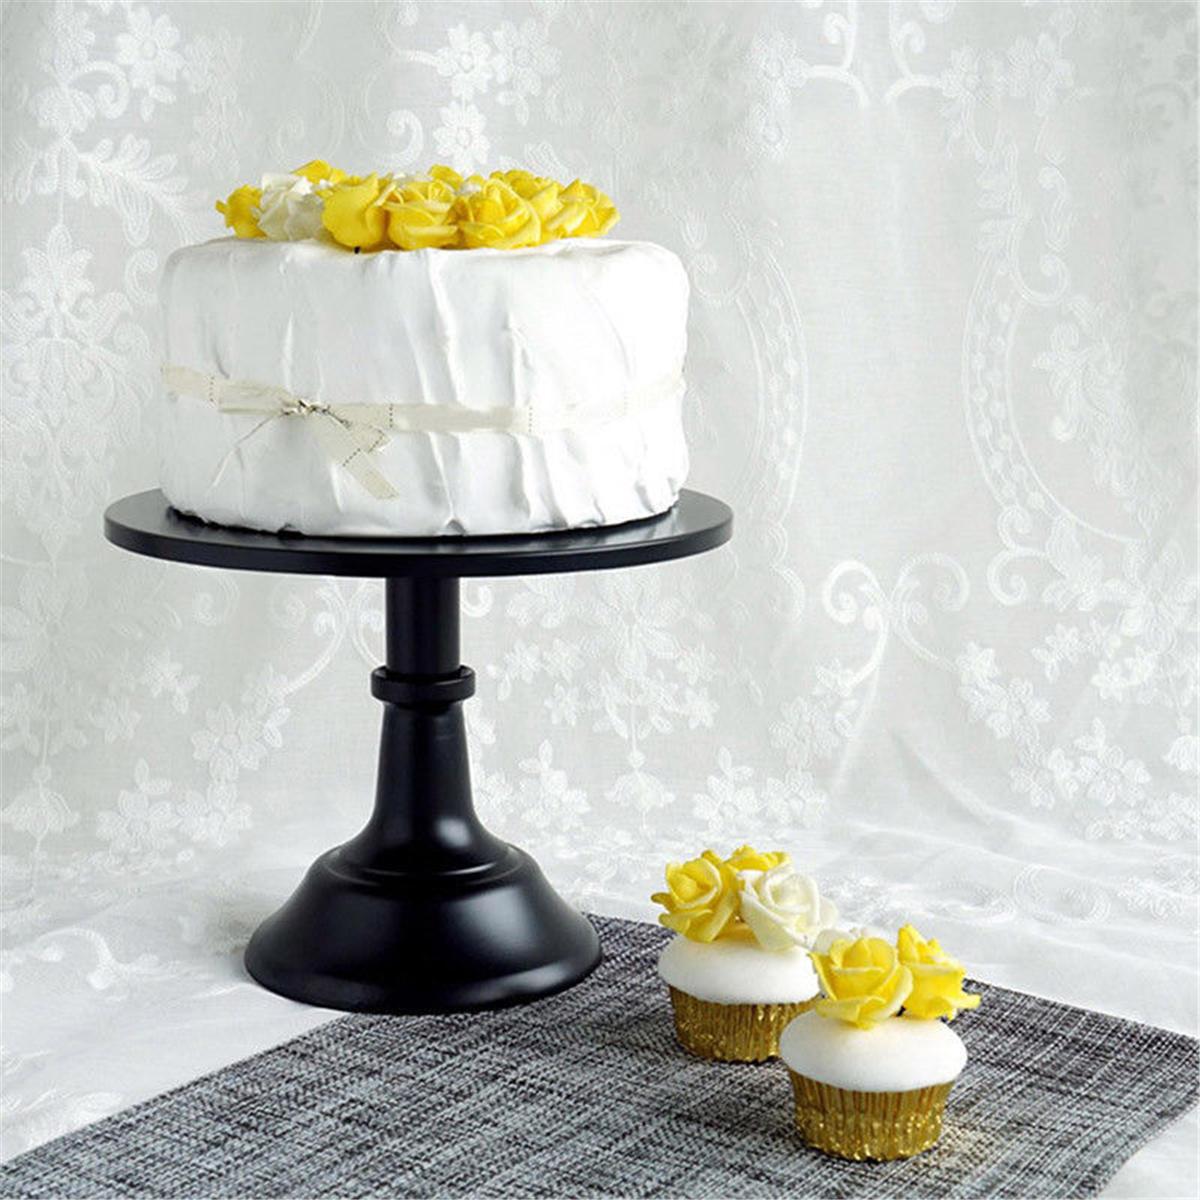 10 Inch Iron Round Cake Stand Pedestal Dessert Holder Display Wedding Party Decorations